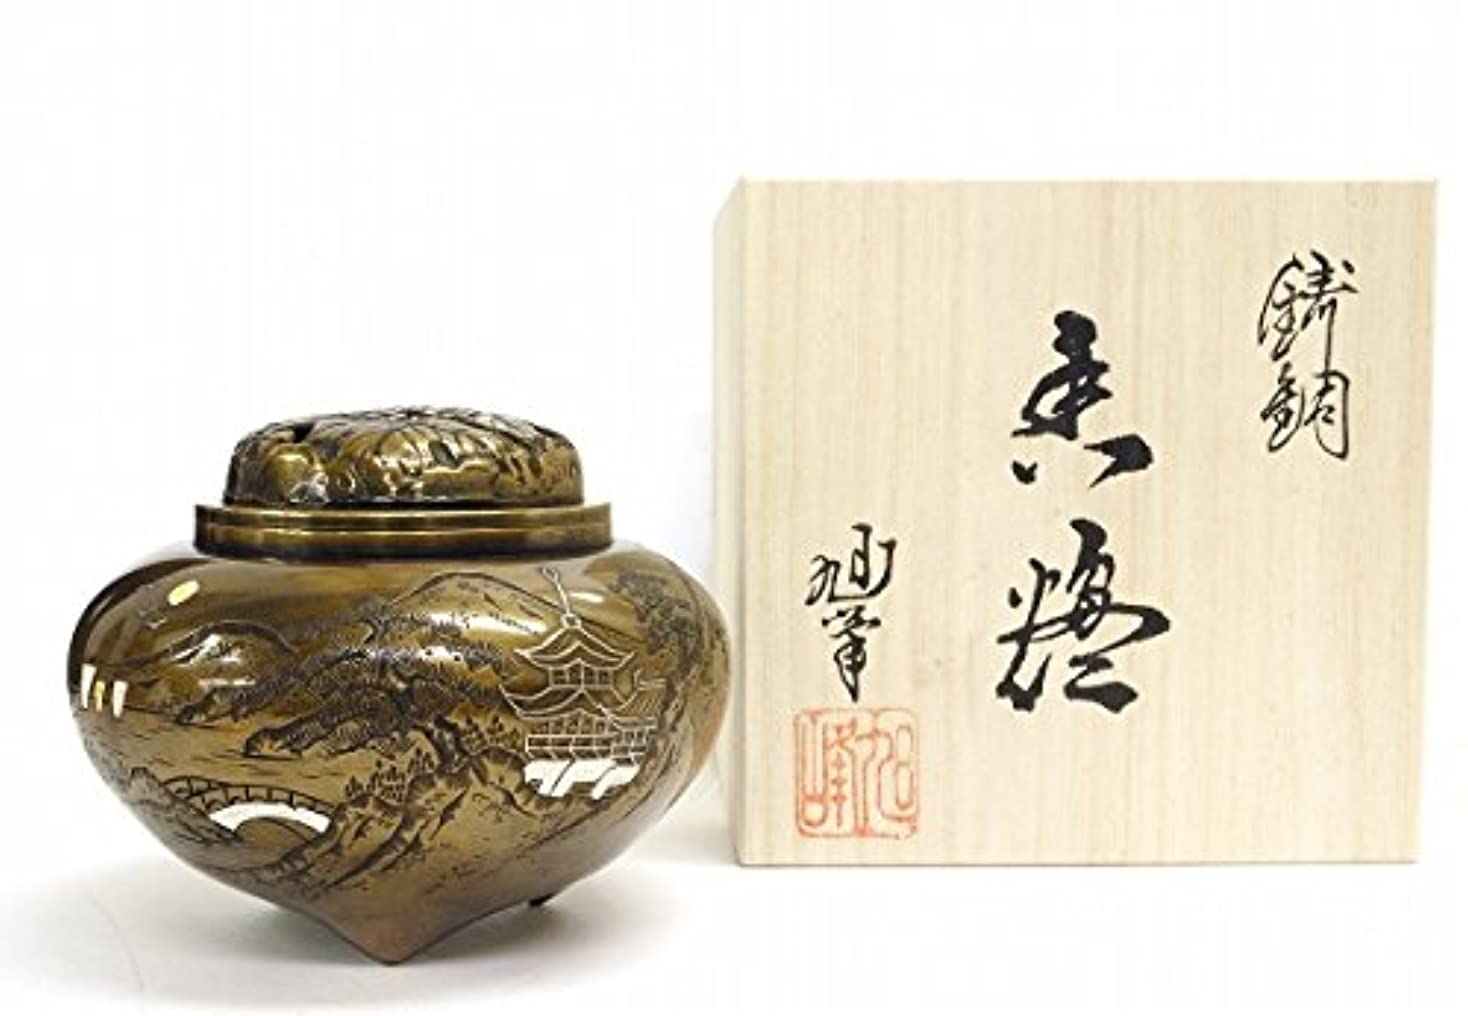 追い出す傭兵る『平型楼閣山水香炉』銅製